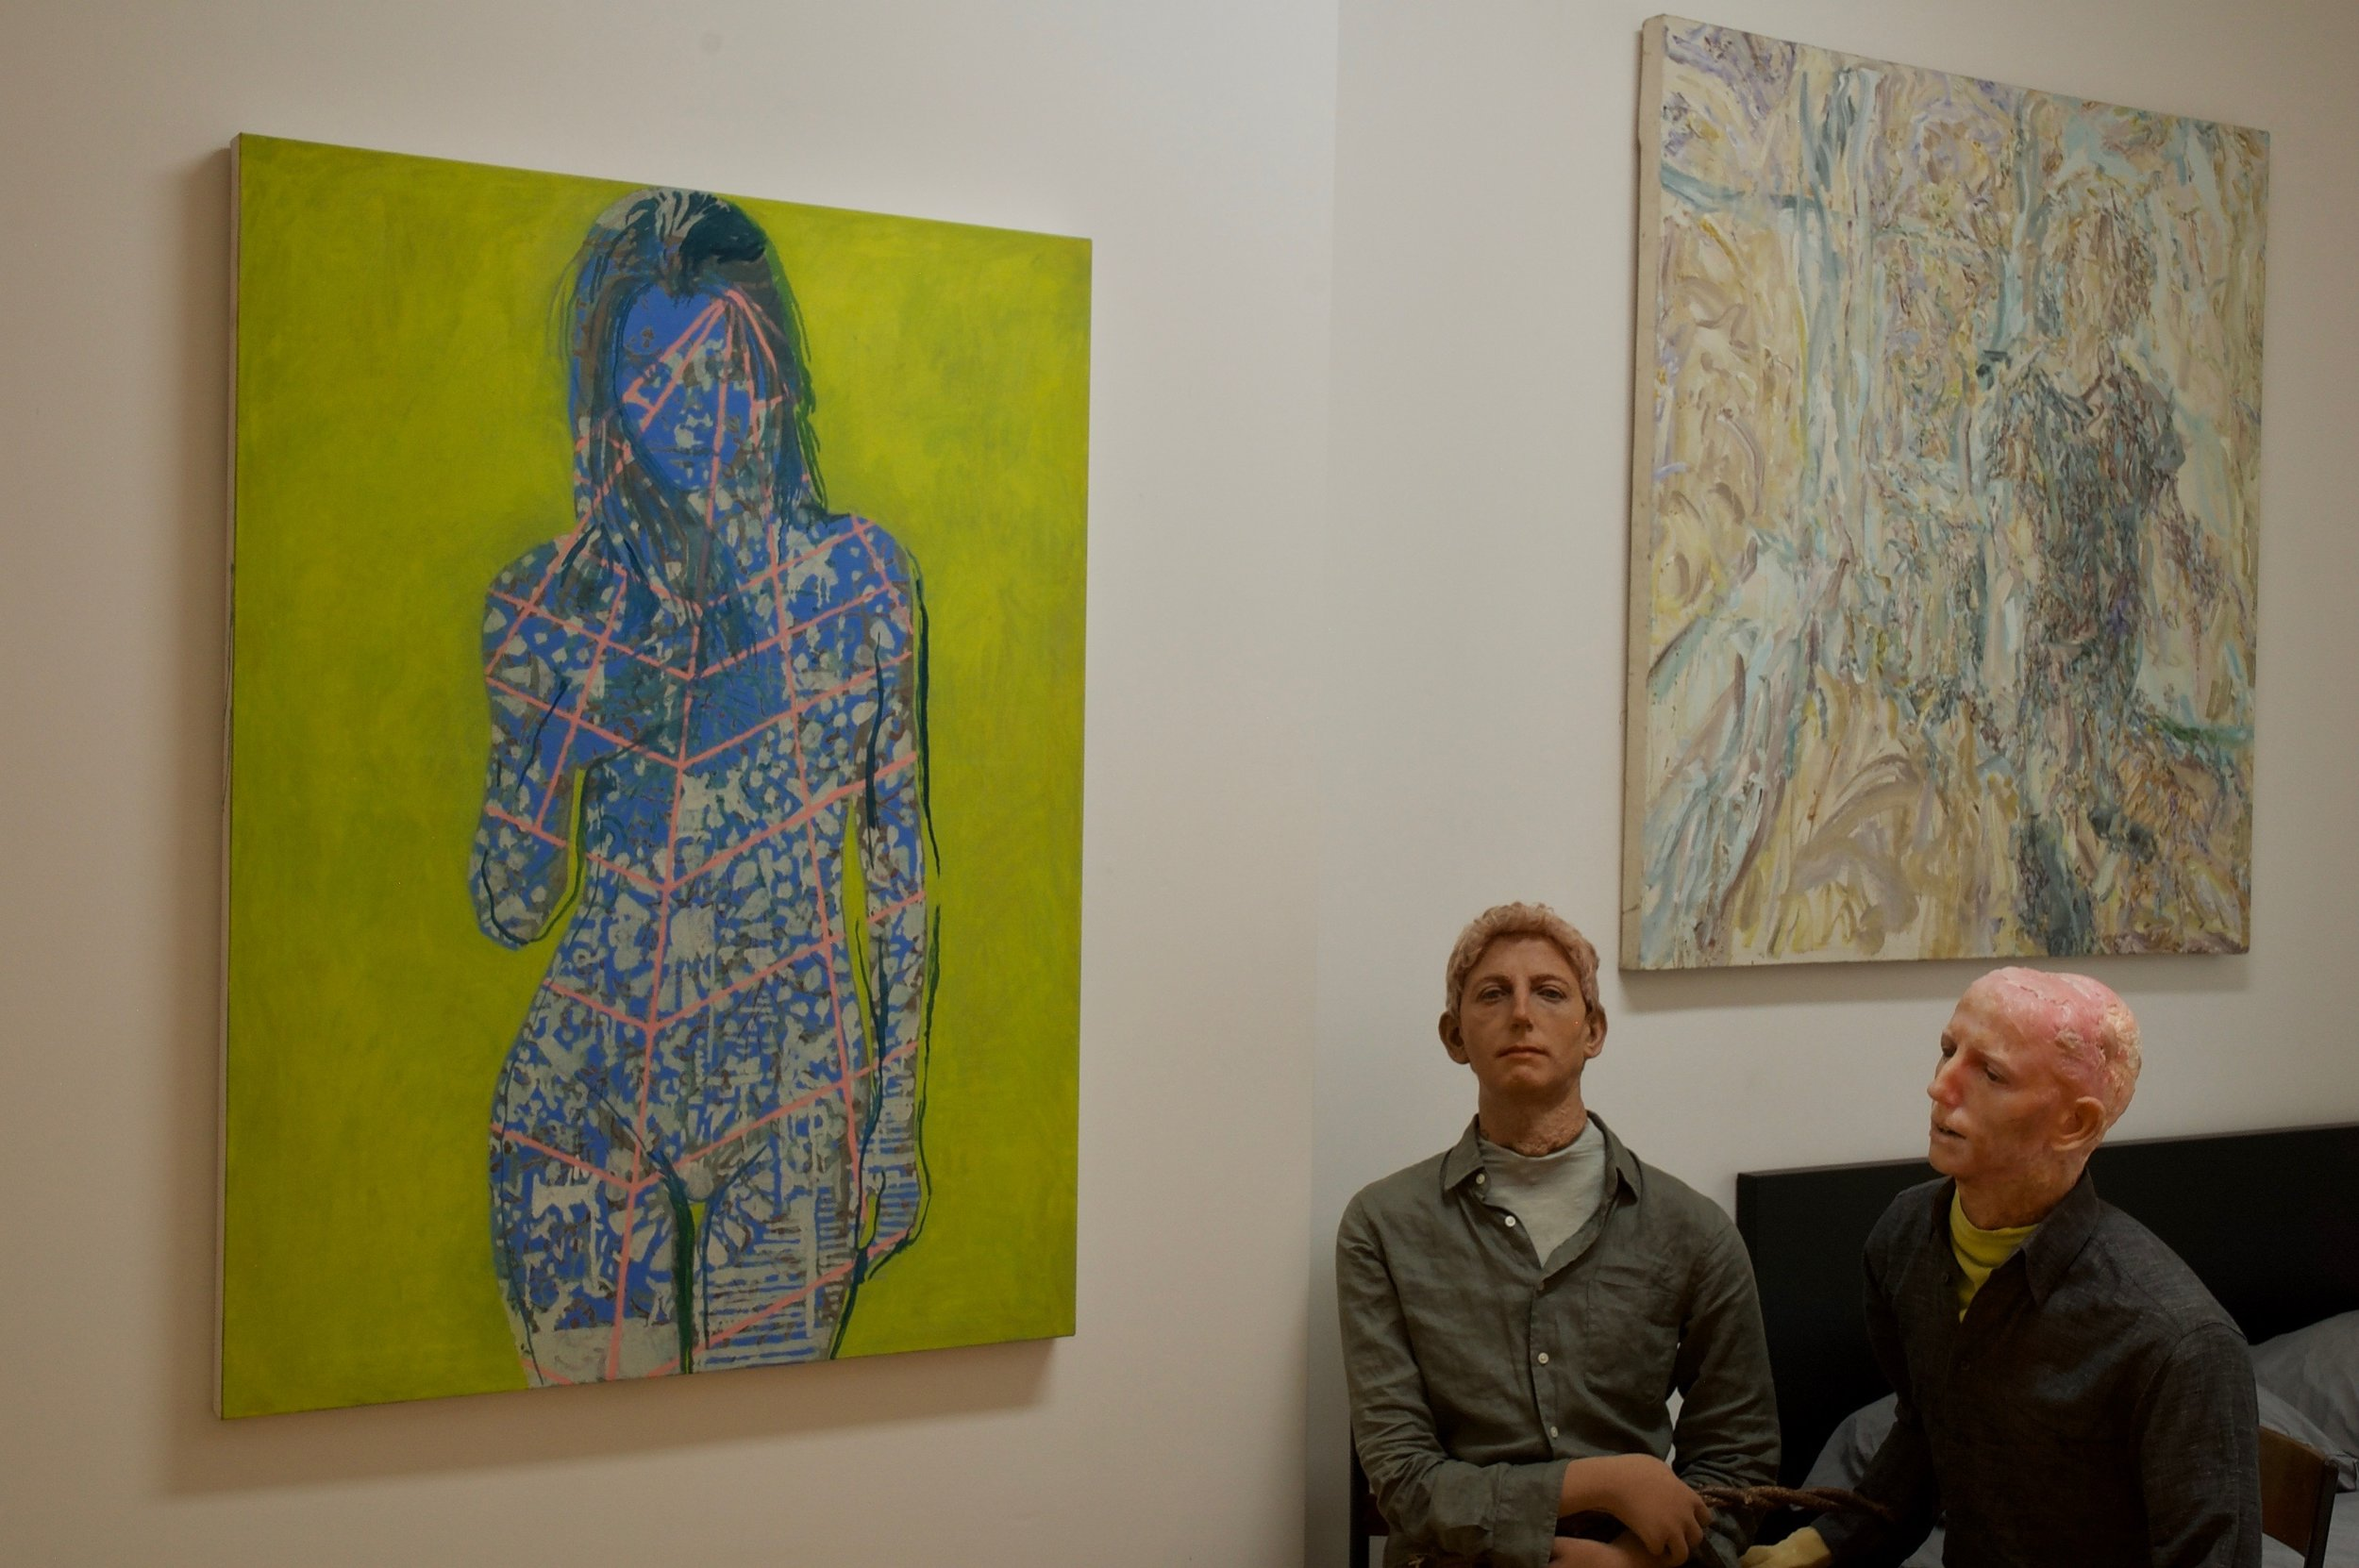 Bryan de Roo and John Mulvaney